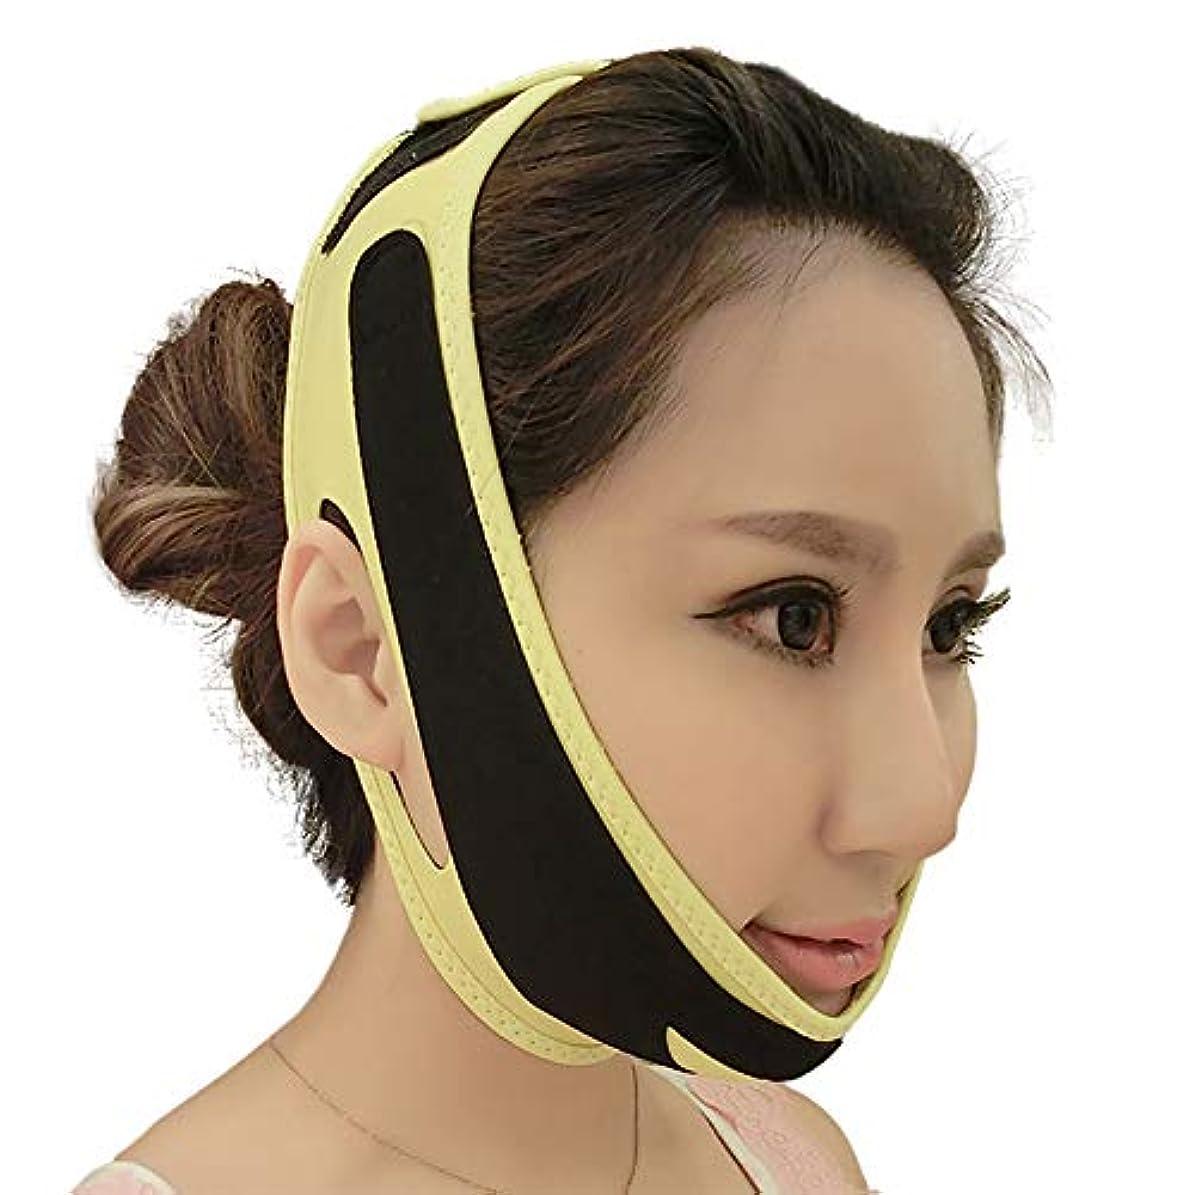 亡命弱めるのみ痩身頬マスク、アンチリンクルVラインフェイシャルマスクリフトアップストラップチンフェイスラインベルトストラップバンド,Yellow